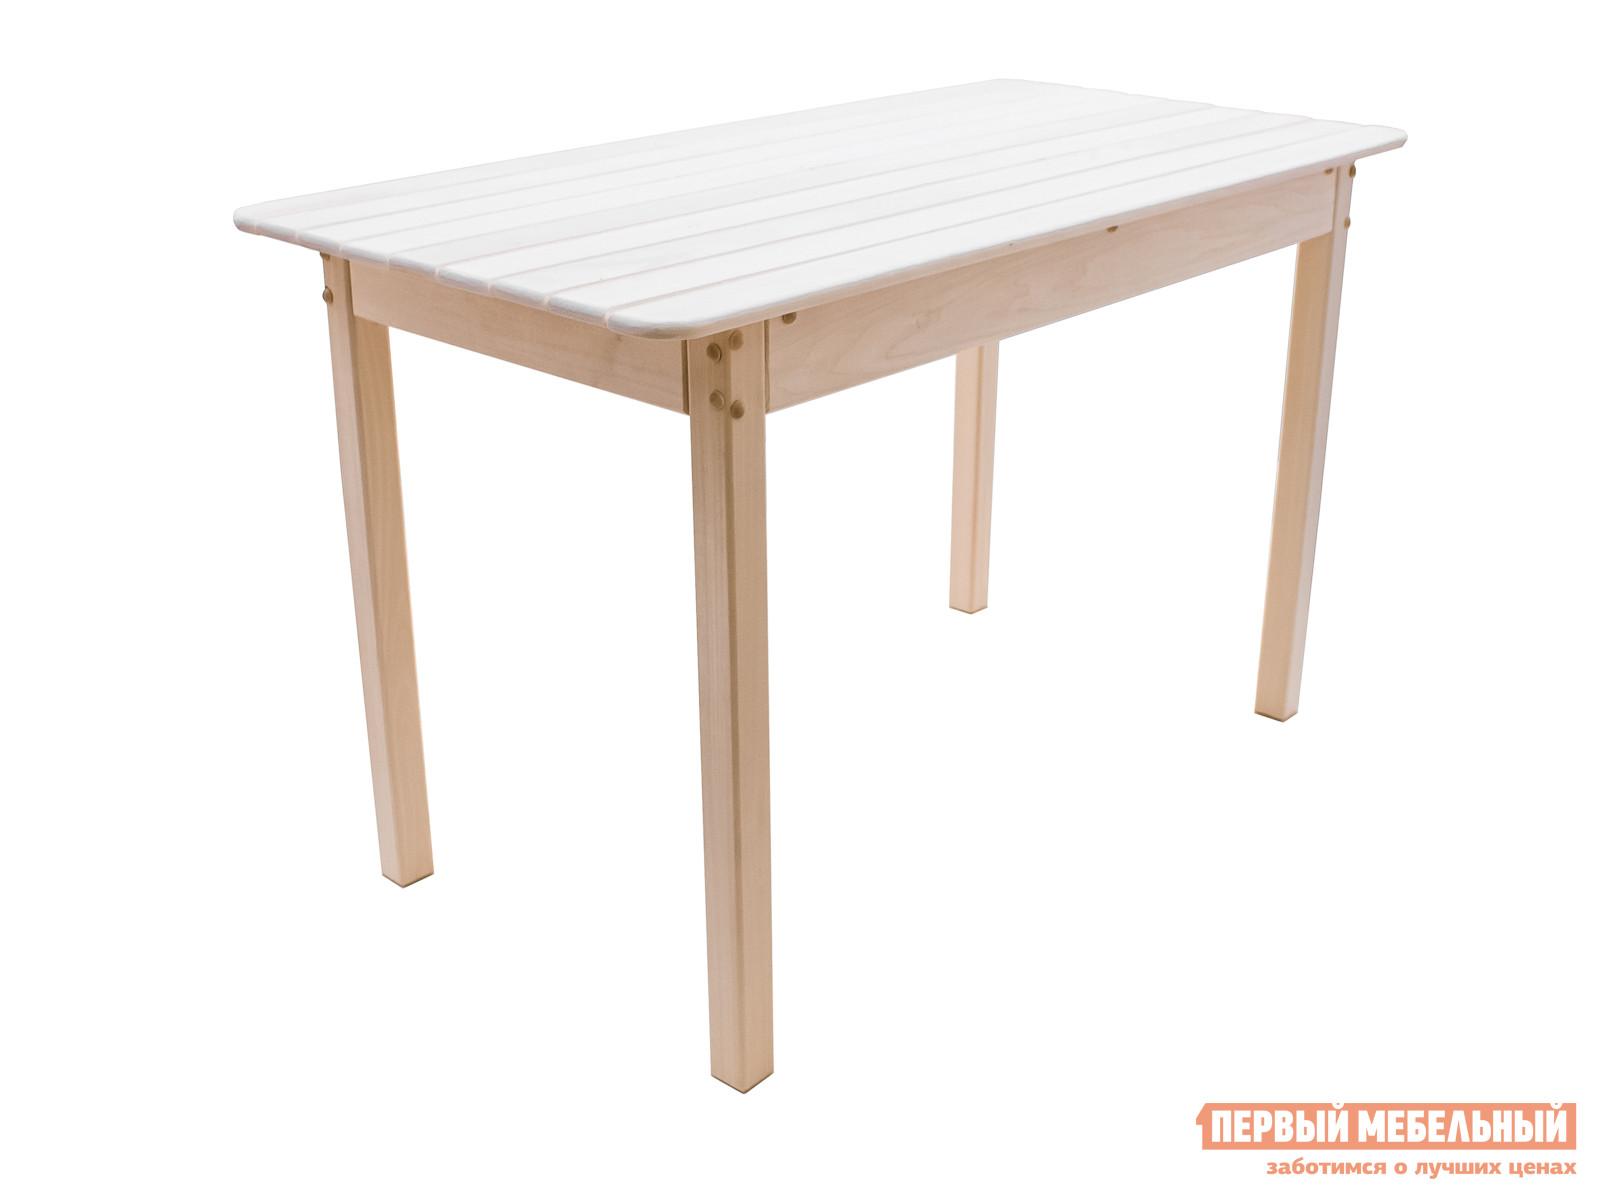 Садовый стол ММ Олаф Липа, Ширина 1000 ммСадовые столы<br>Габаритные размеры ВхШхГ 720x1000 / 1200x600 мм. Лаконичный деревянный обеденный стол из массива липы наполнит ваш дачный домик, летнюю кухню, беседку или комнату отдыха при бане уютом, древесным теплом и ароматом.  Компактные размеры стола идеальны для небольшого помещения.  Ножки стола соединены дополнительной планкой, которая обеспечивает столам устойчивость. Стол доставляется в собранном виде, весит 12 кг.  Вдвоем его легко можно перенести из комнаты в комнату или вынести на улицу. При изготовлении стола, древесный материал не обрабатывается химическими средствами, во избежание выделения вредных испарений при высоких температурах, например, в бане или под ярким солнцем.  Если вы решите вынести стол в сад, чтобы устроить обед на свежем воздухе, то рекомендуется обработать стол влагостойким средством, которое защитит изделие от воздействия природной влажности и продлит срок его службы.<br><br>Цвет: Светлое дерево<br>Высота мм: 720<br>Ширина мм: 1000 / 1200<br>Глубина мм: 600<br>Кол-во упаковок: 1<br>Форма поставки: В собранном виде<br>Срок гарантии: 3 месяца<br>Тип: Обеденные<br>Материал: Массив дерева<br>Порода дерева: Липа<br>Форма: Прямоугольные<br>Размер: Маленькие